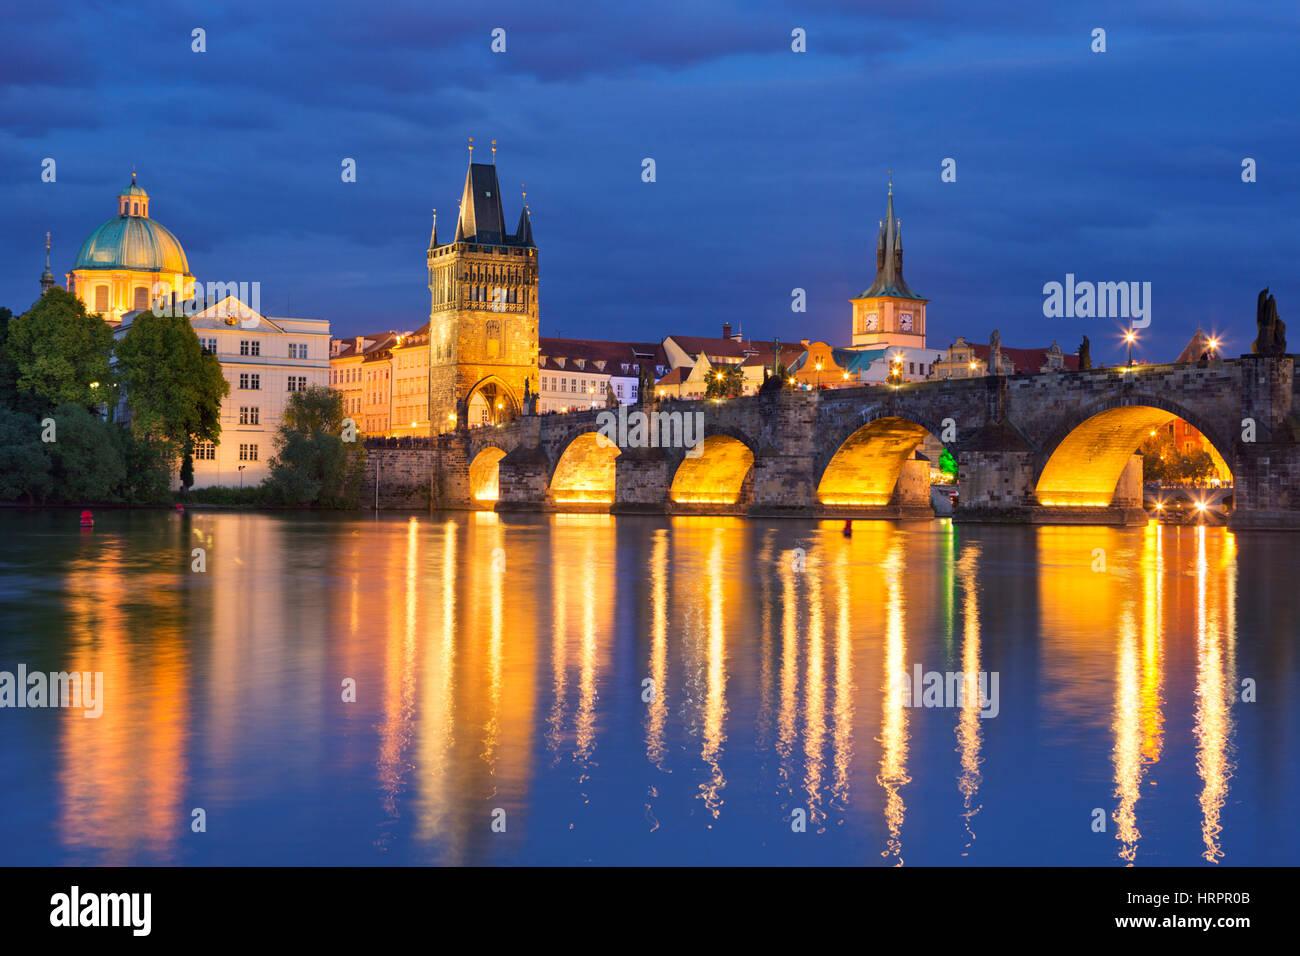 El Puente de Carlos sobre el río Moldava en Praga, República Checa, fotografiada por la noche. Imagen De Stock